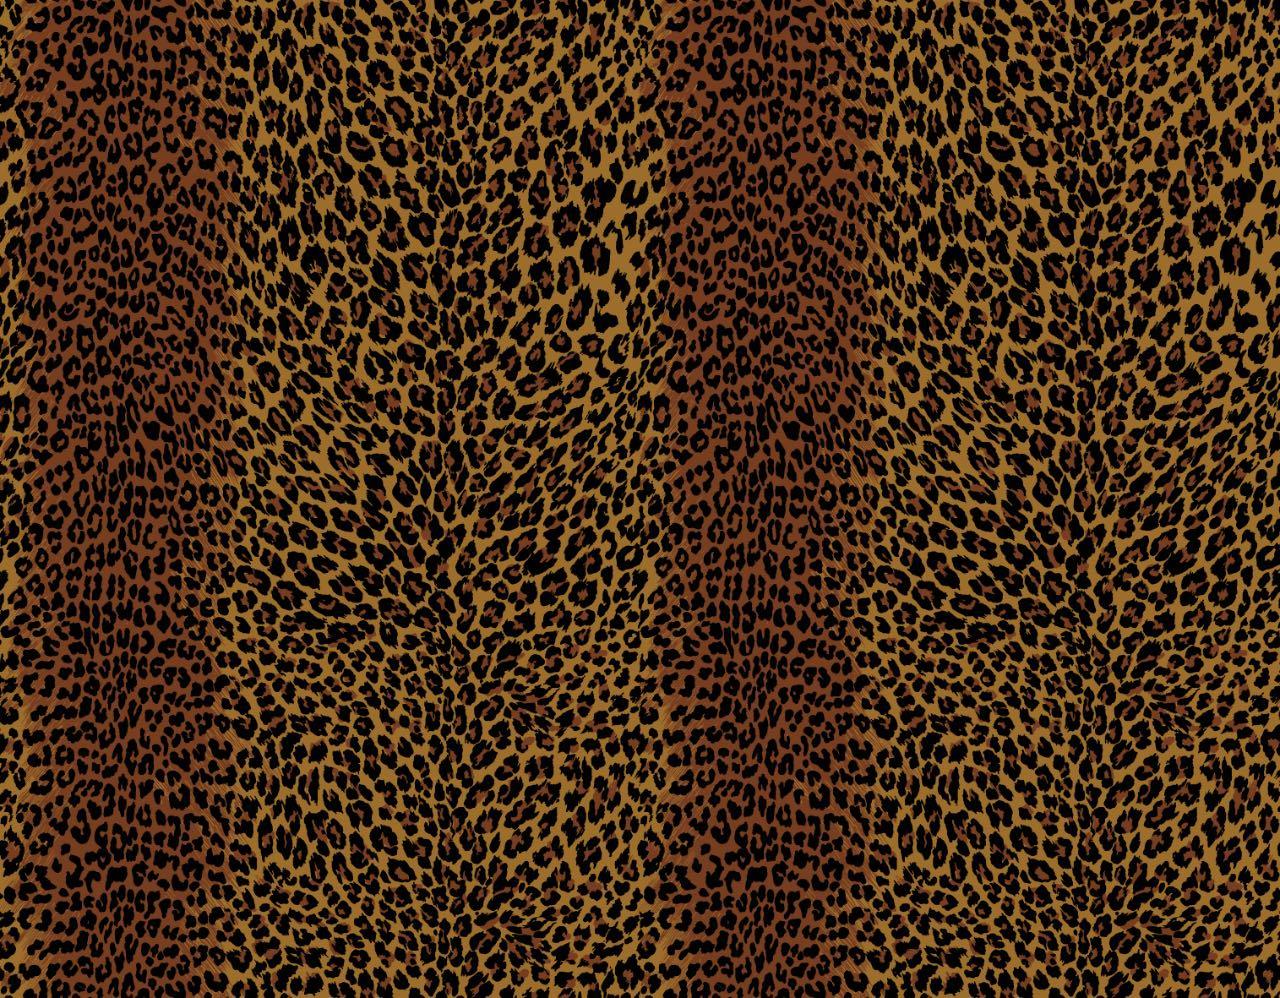 フランス壁紙 フリース(不織布) - 防炎加工 マドレーヌ・カスタン デザイン 《レオパー》 ブラウン by Edmond Petit (エドモンプティ)